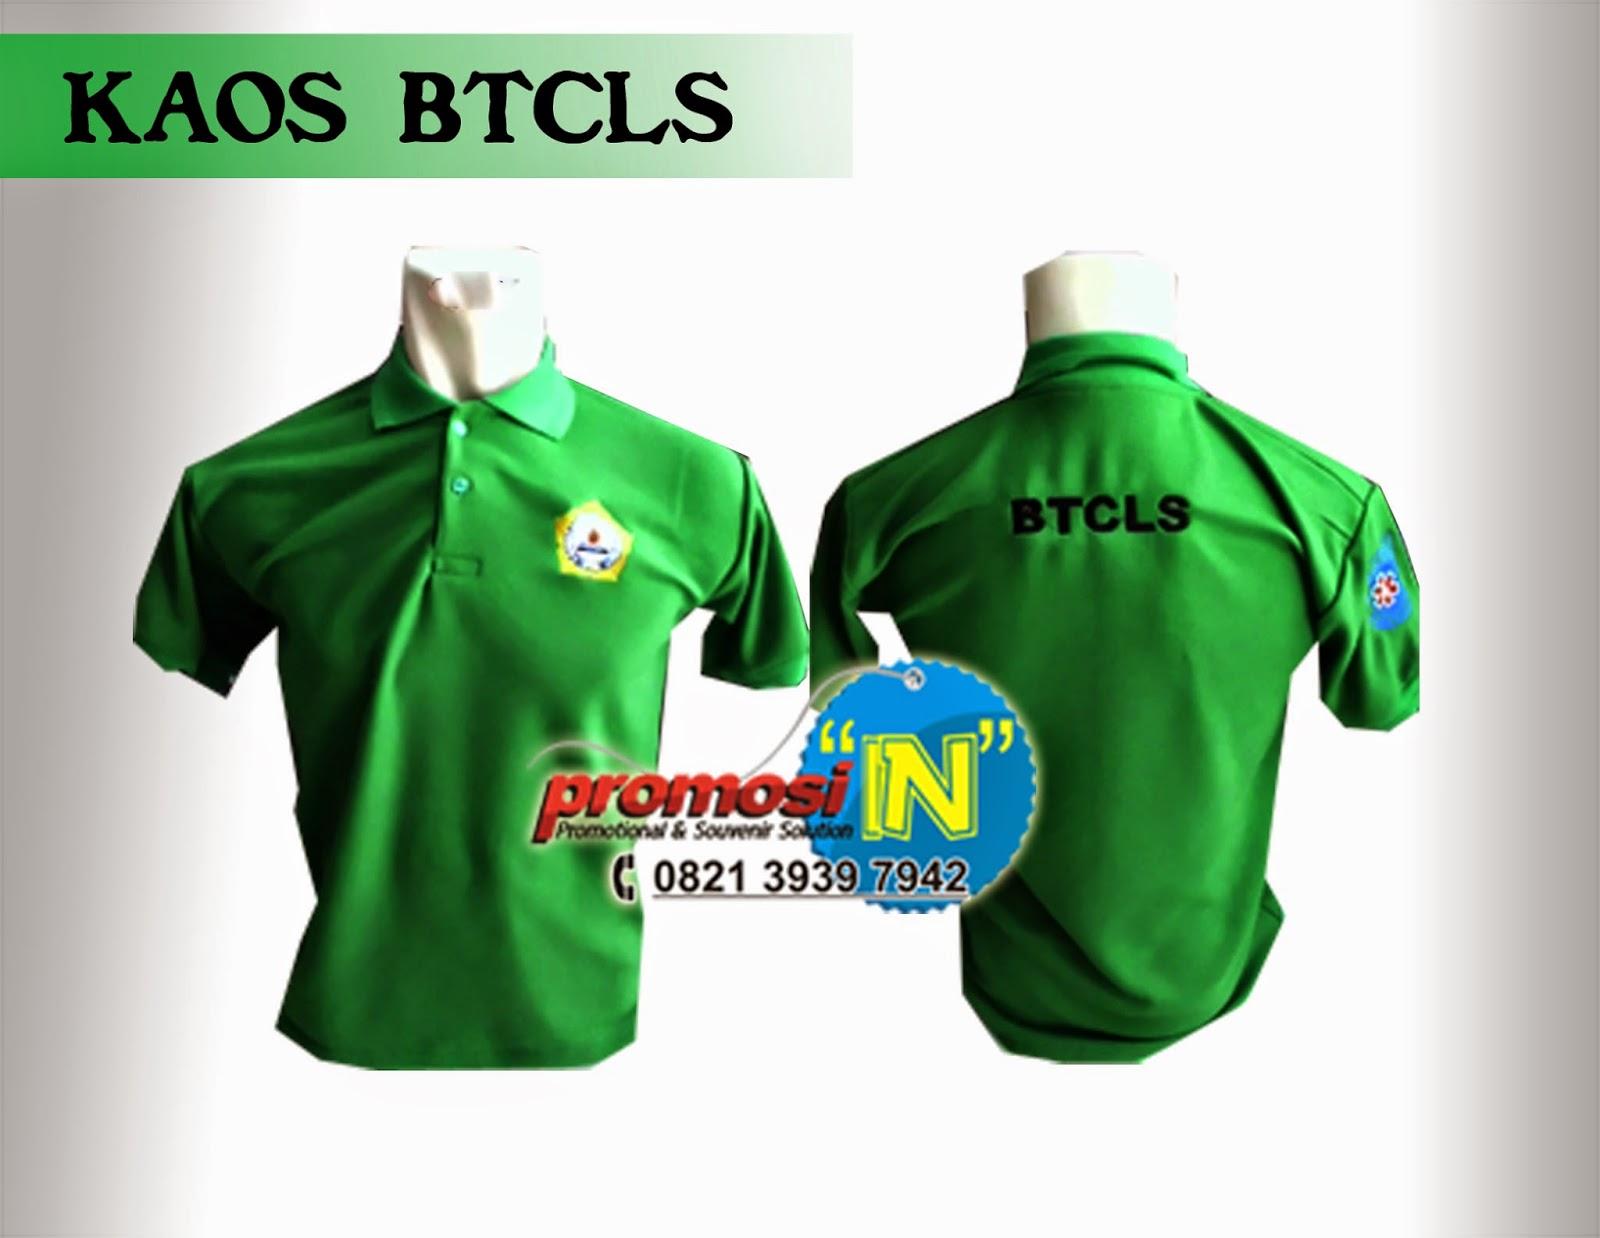 Kaos,Jual Kaos Online,Agen Kaos Oblong Surabaya,Grosir Kaos Promosi Surabaya,Pesan Kaos Sablon